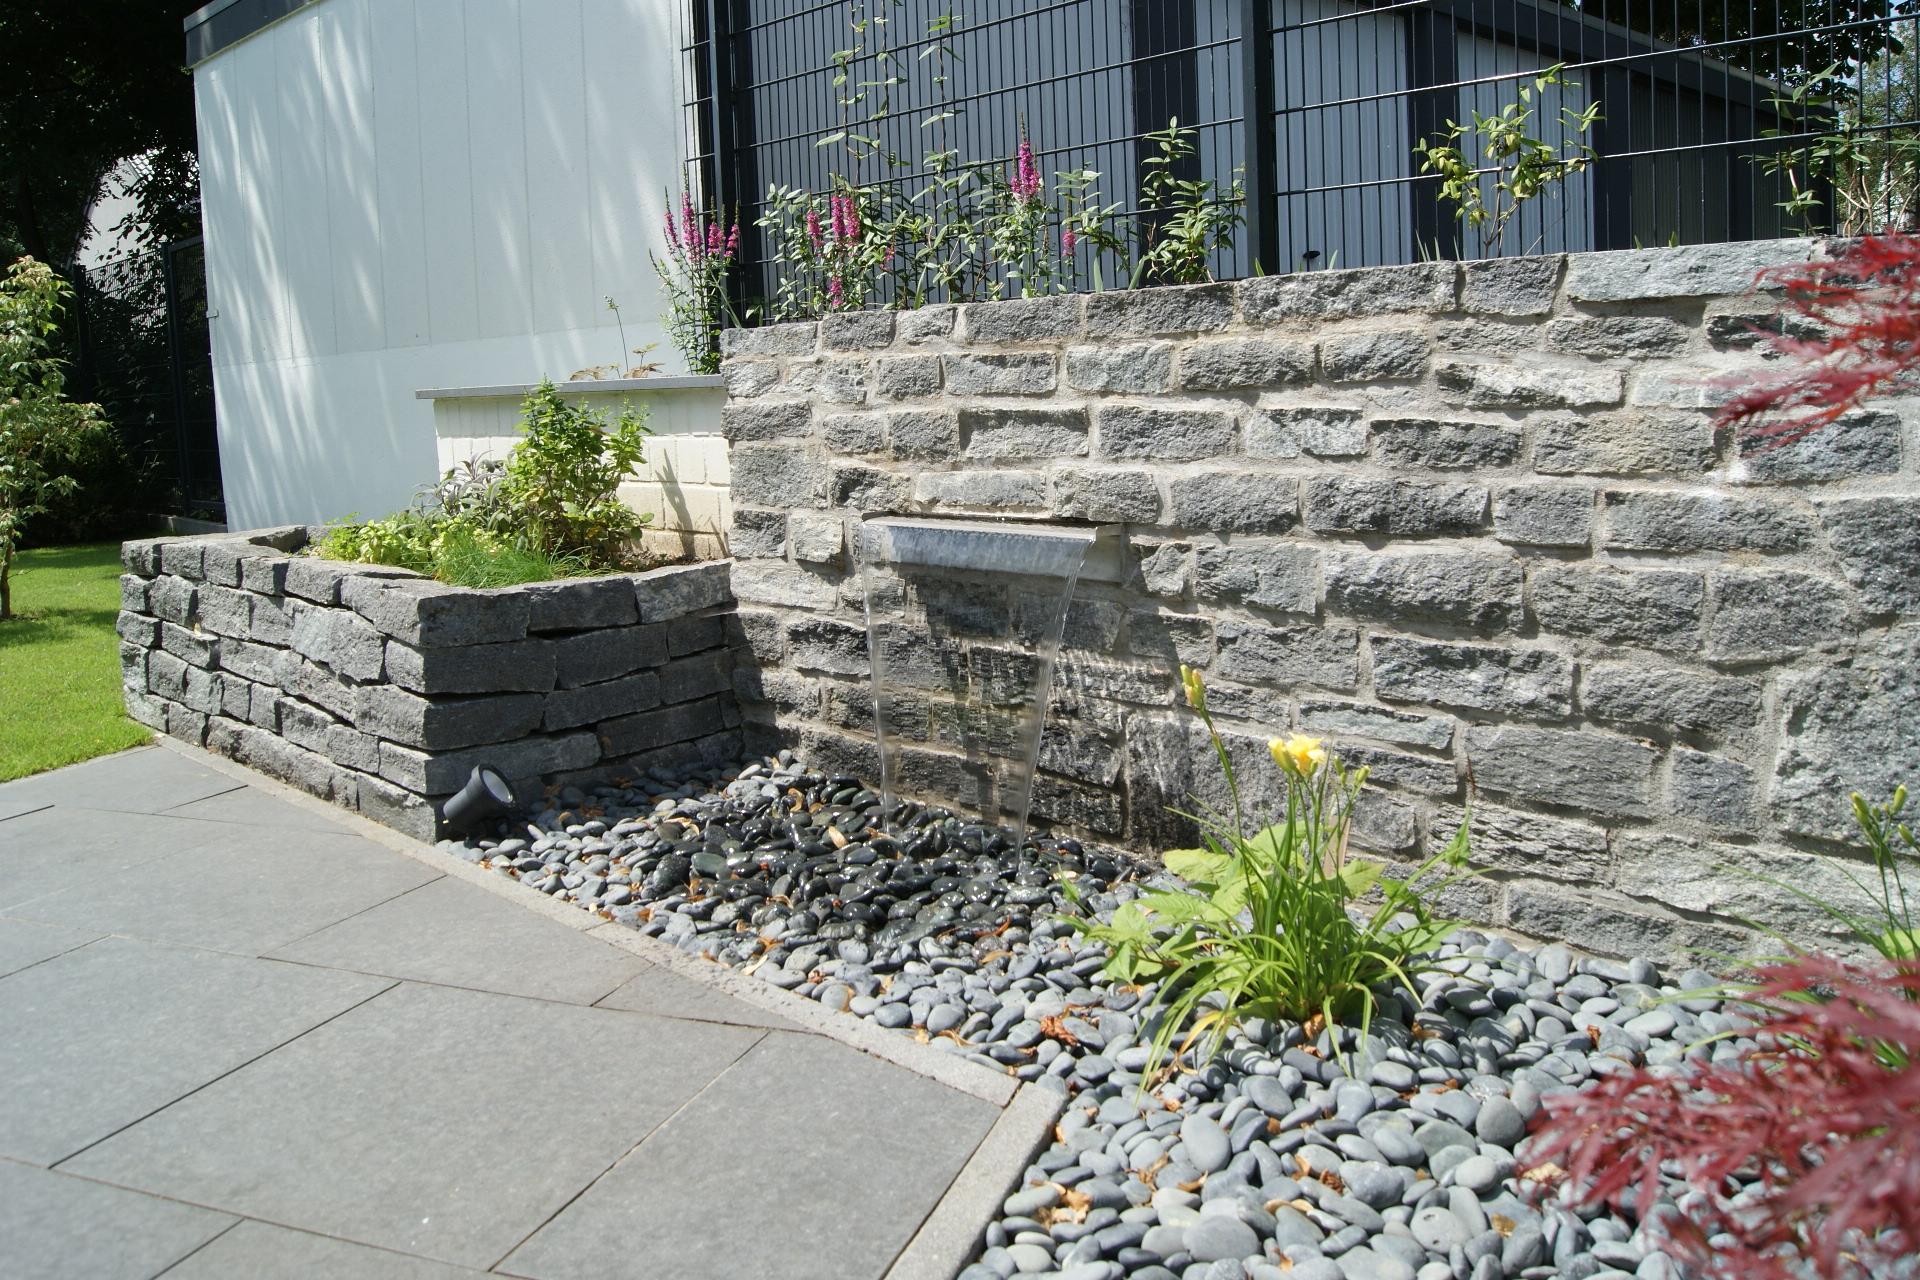 Gartenschönmacher Galerie: Wasser im Garten, Tobias Bass